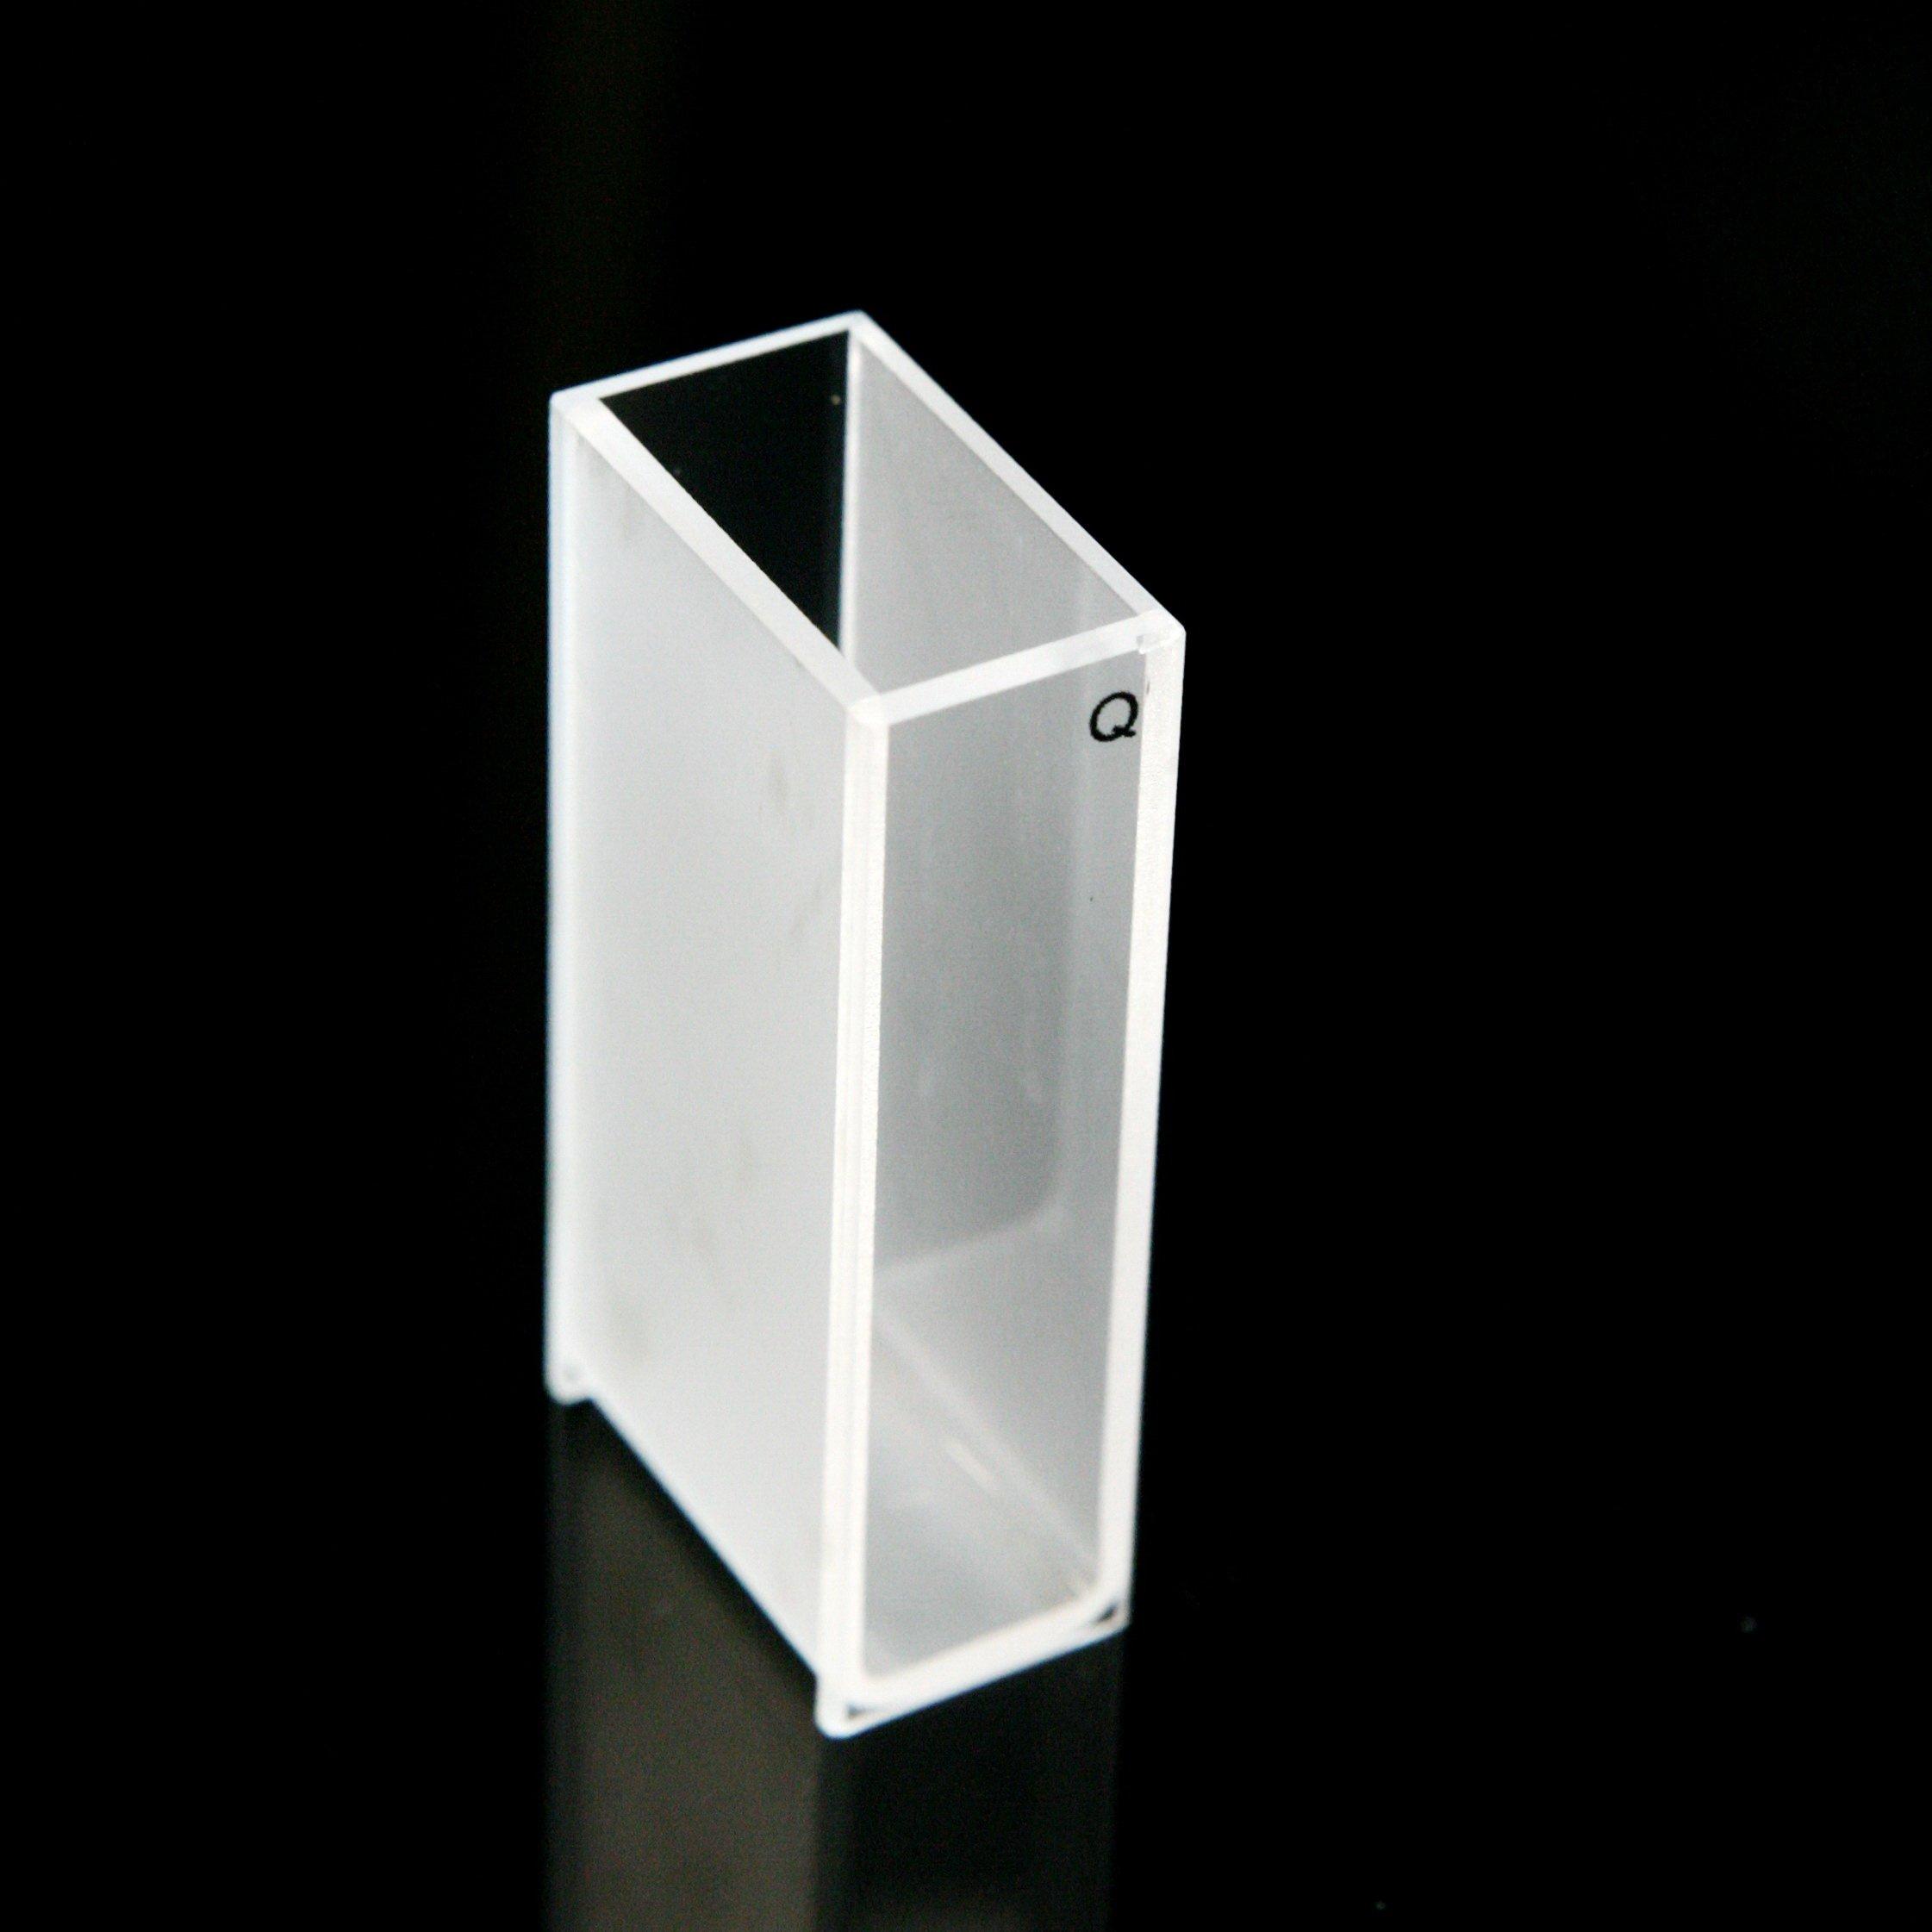 Quartz Cuvette, standard, 20mm, 7 mL, spectrometer cell